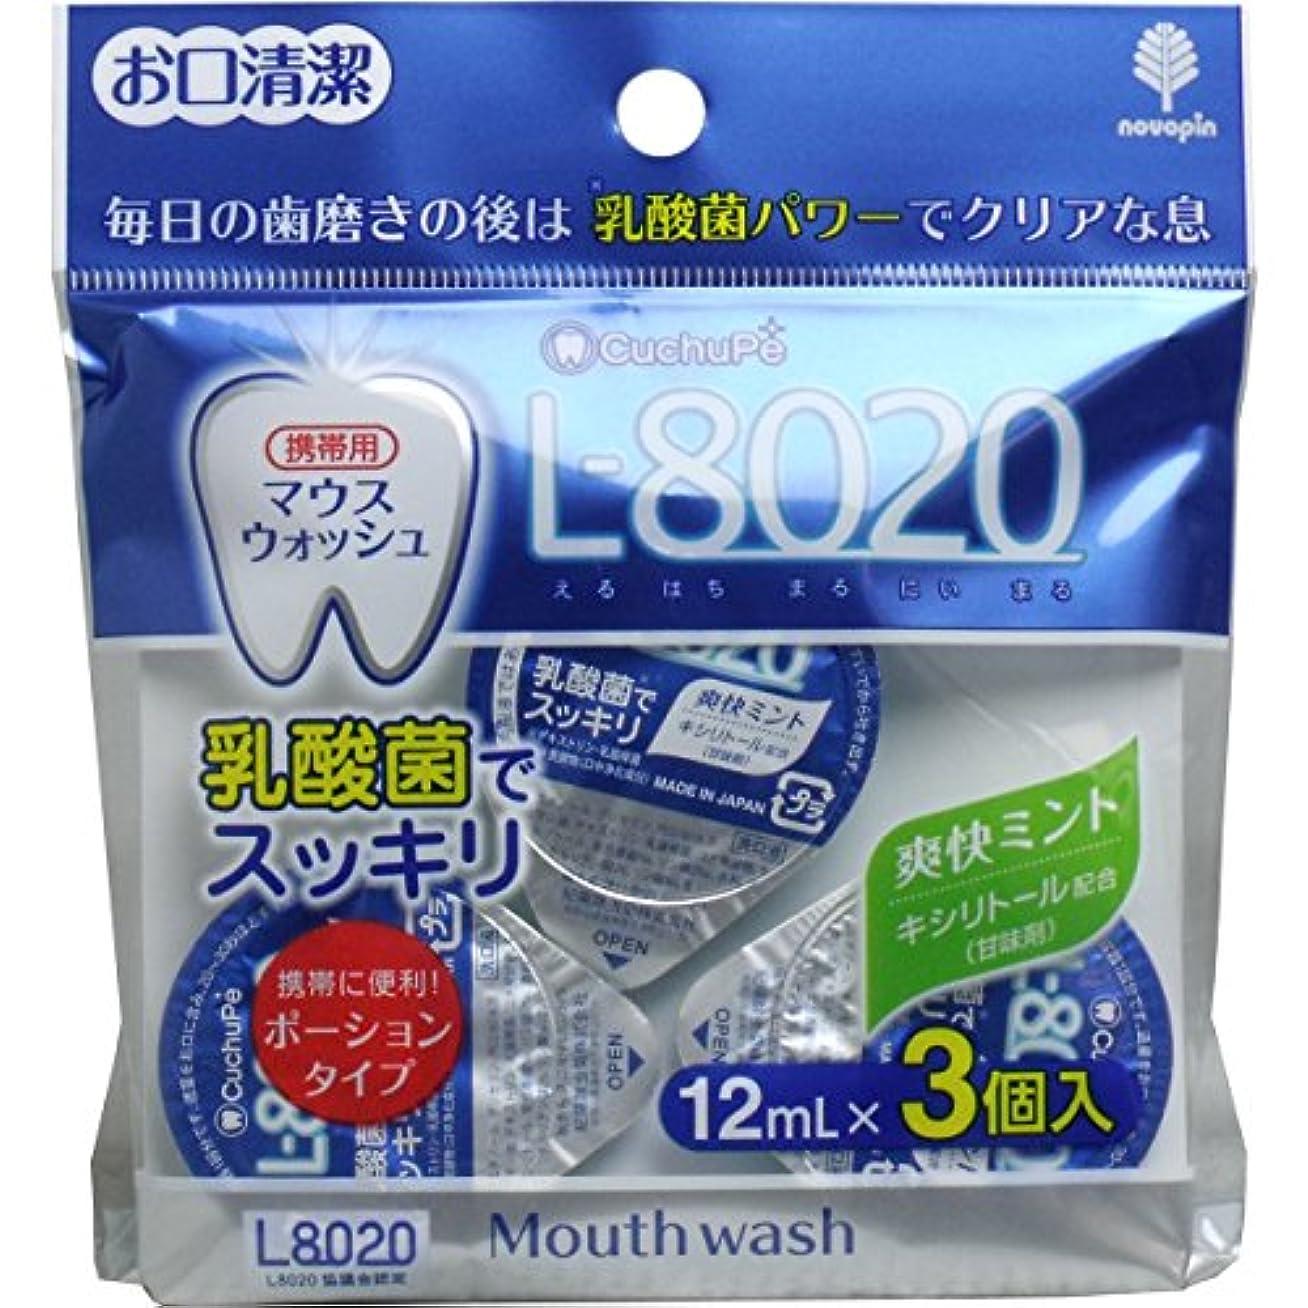 贈り物代数ダンプクチュッペ L-8020 マウスウォッシュ 爽快ミント ポーションタイプ 3個入 紀陽除虫菊